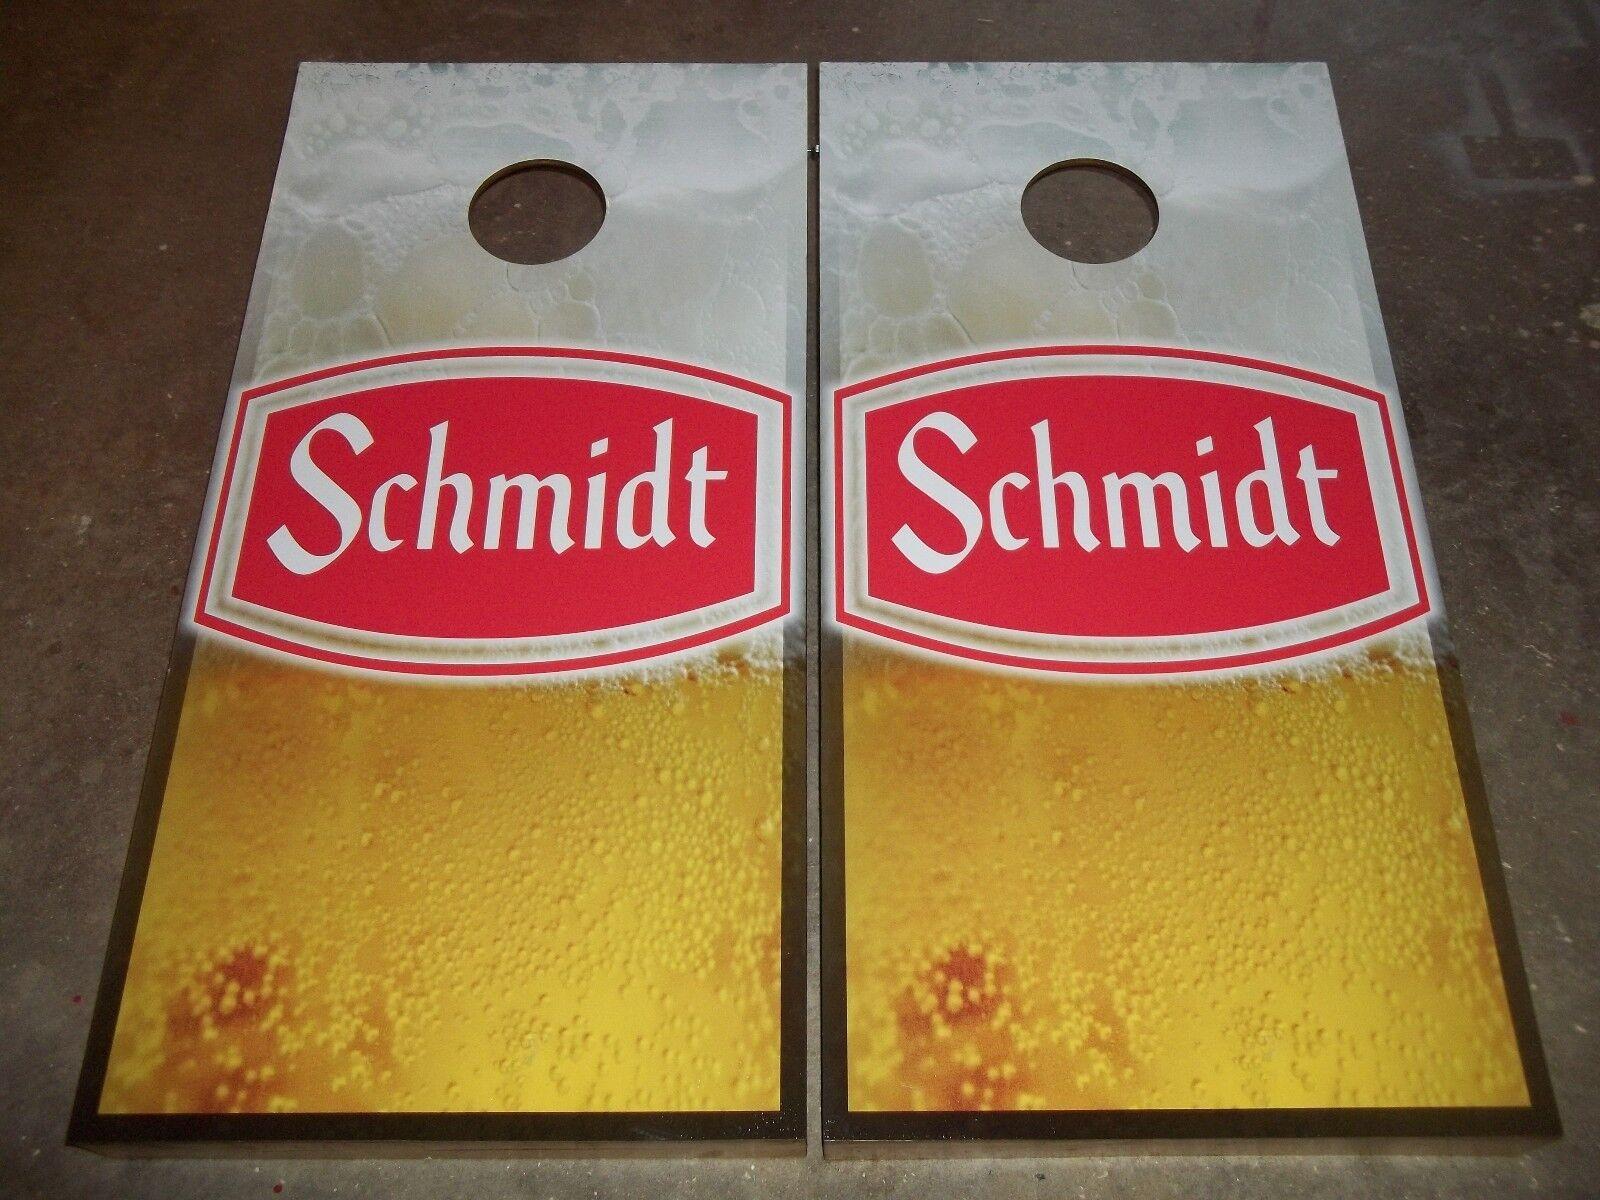 Schmidt Beer Corn Hole Boards - Bean Bag Toss Game